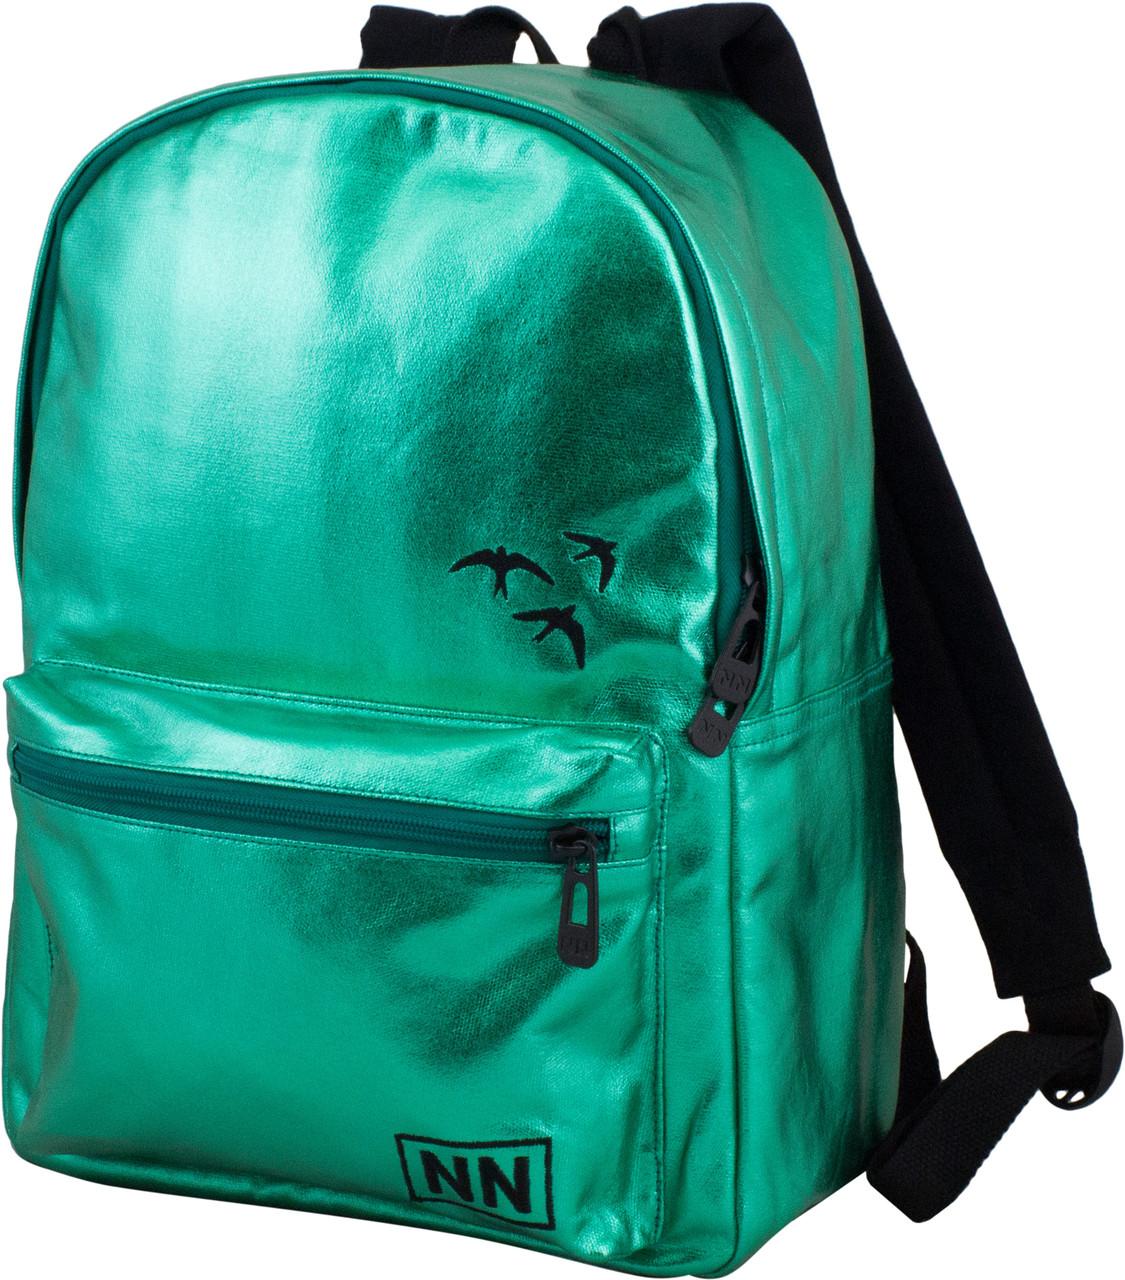 Рюкзак подростковый яркий молодежный Winner One 253 для девочки зеленый